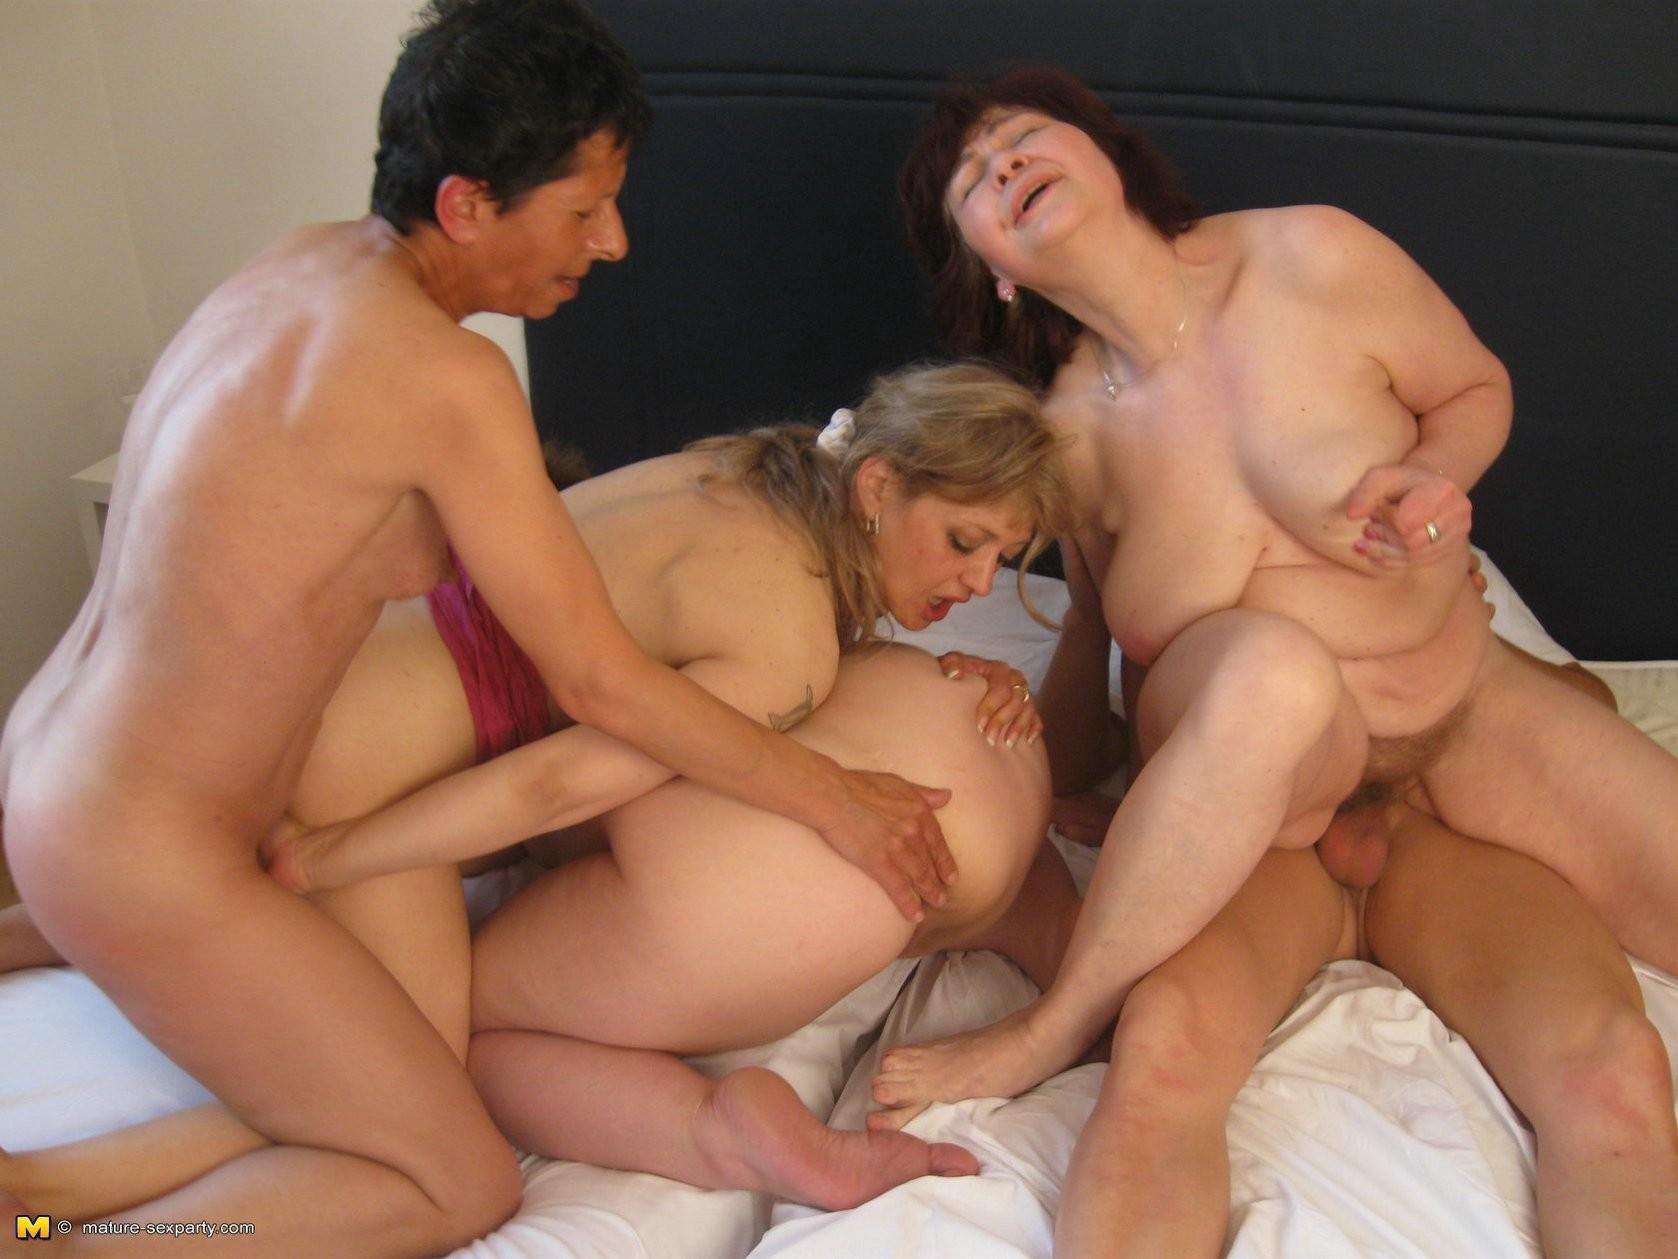 групповуха со старыми бабами